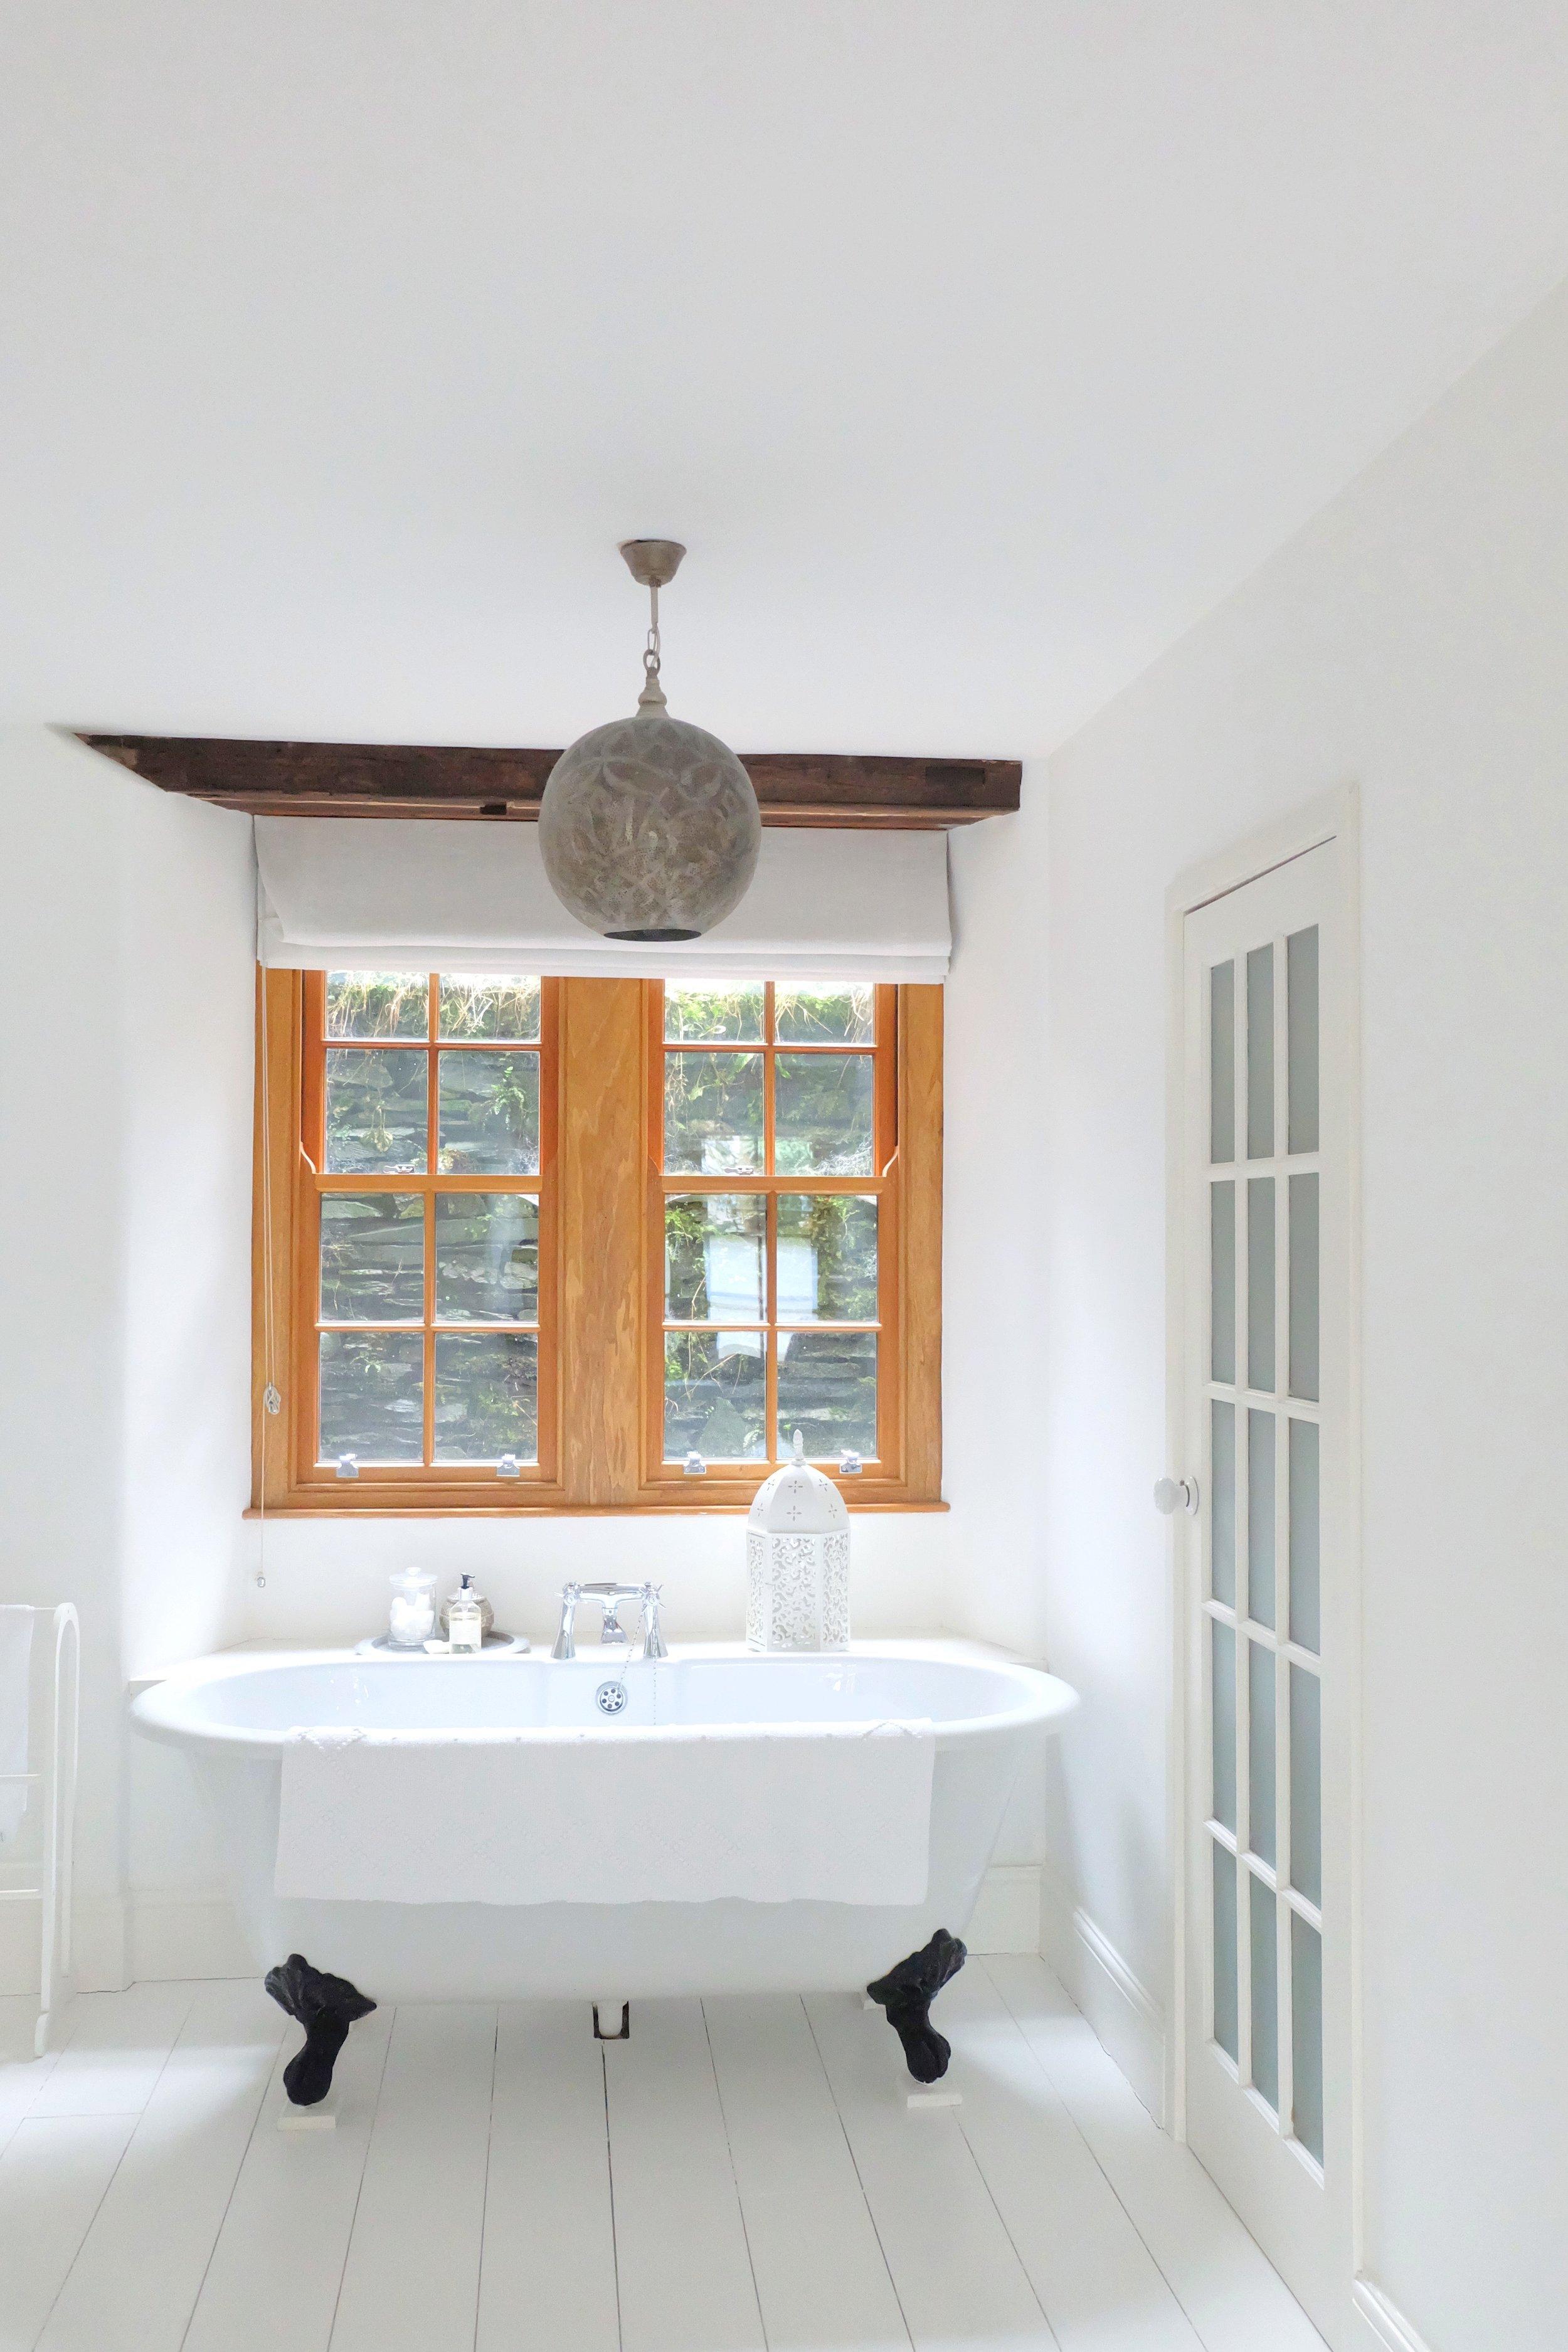 Bedroom with freestanding bath